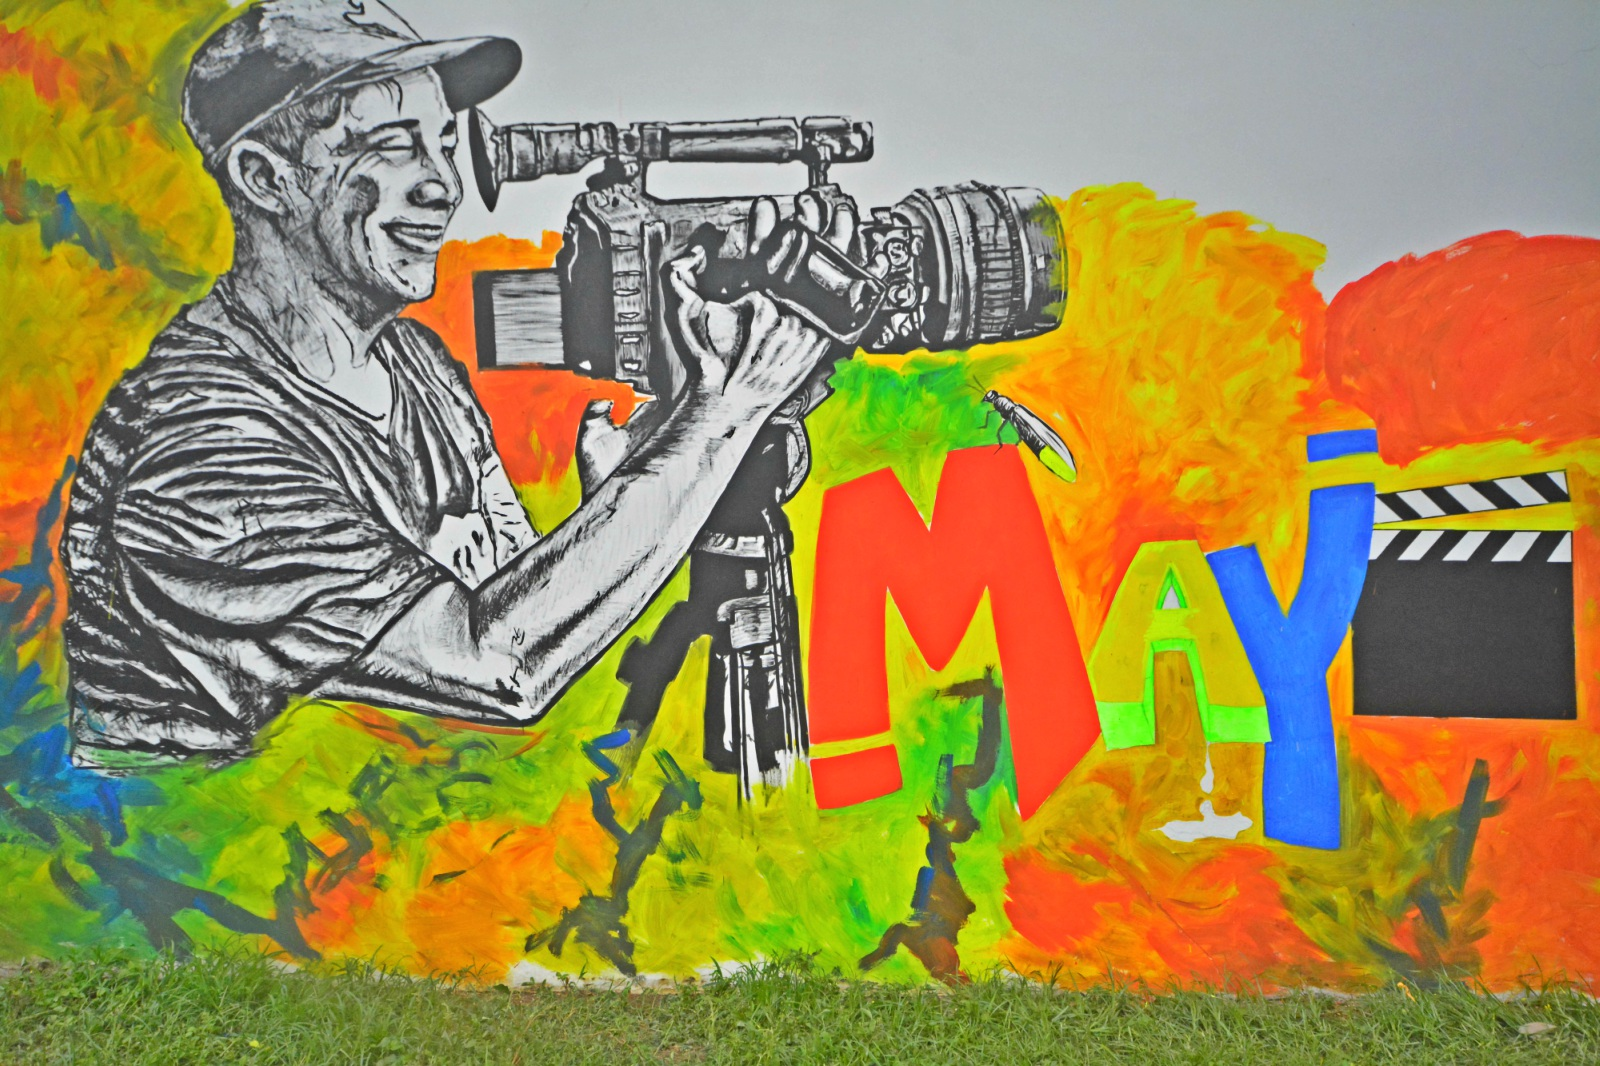 historias//con-un-mural-artistas-de-arauca-despidieron-a-mauricio-lezama-el-cineasta-asesinado